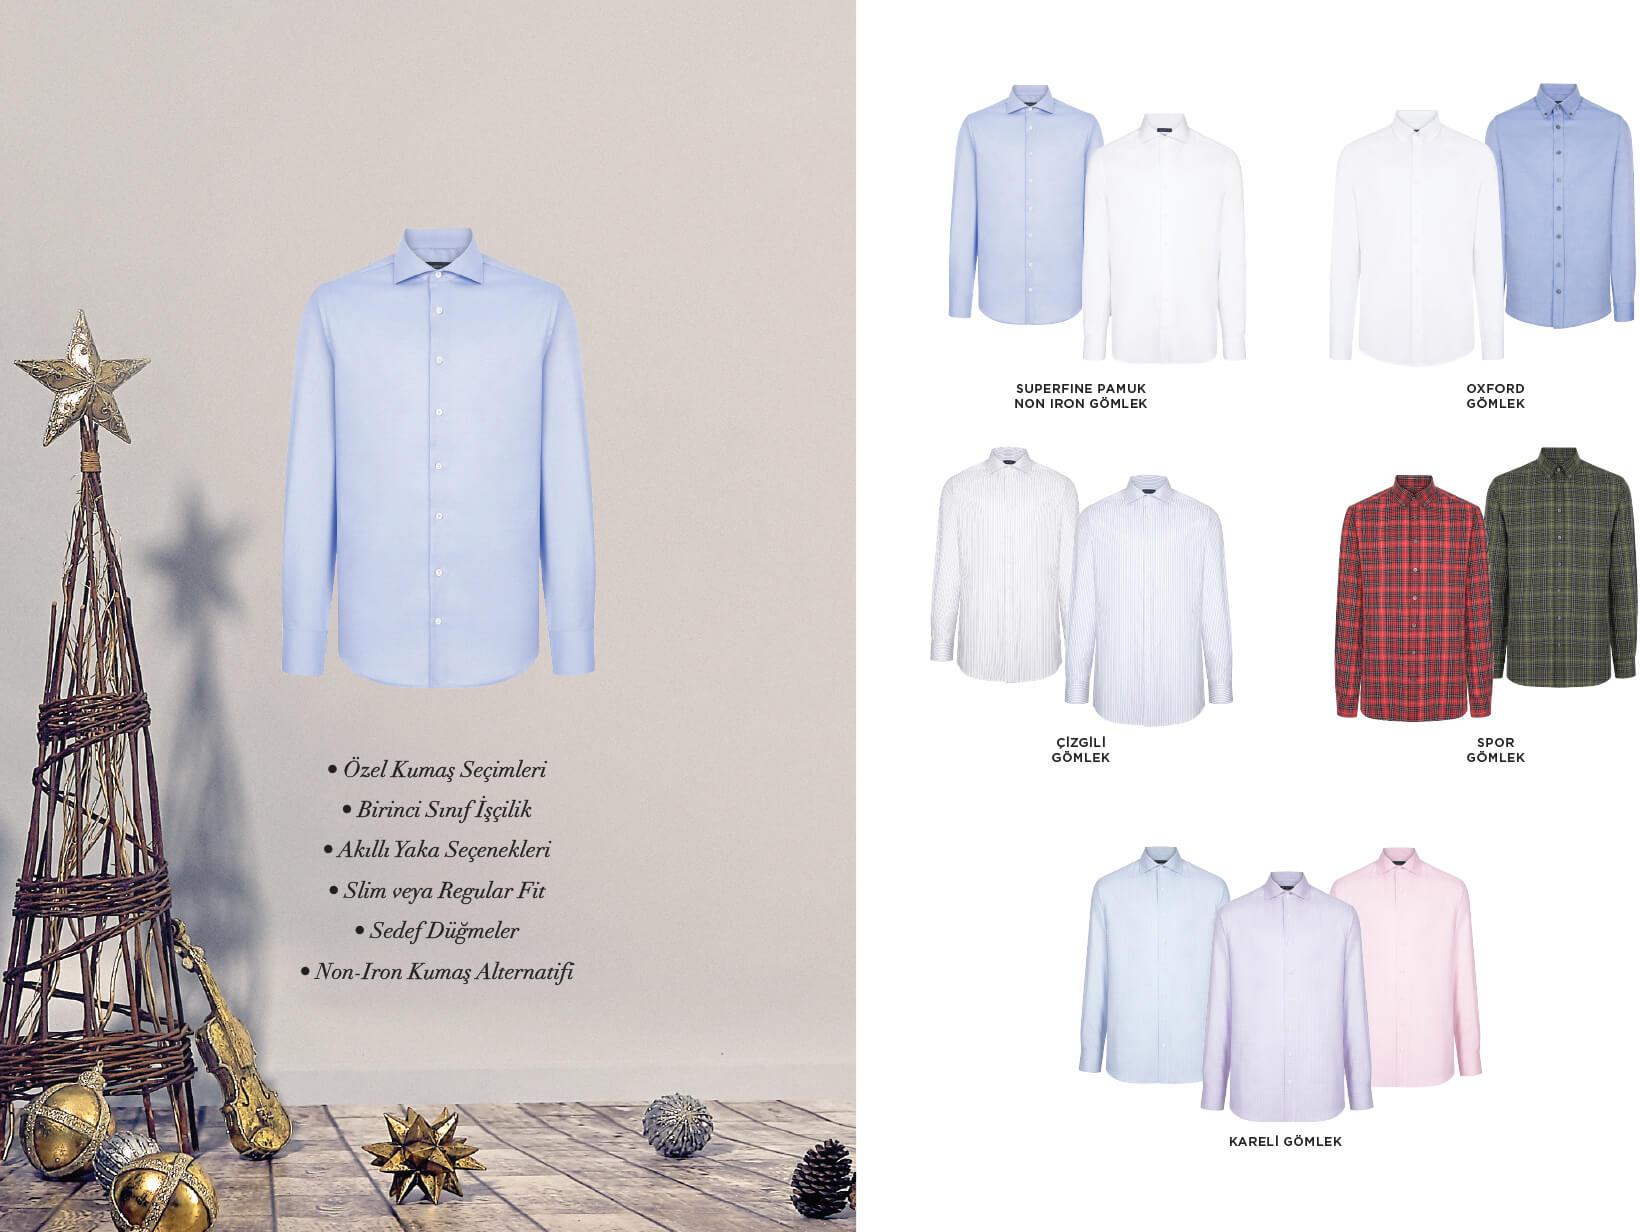 Hediye Alınabilecek Gömlekler